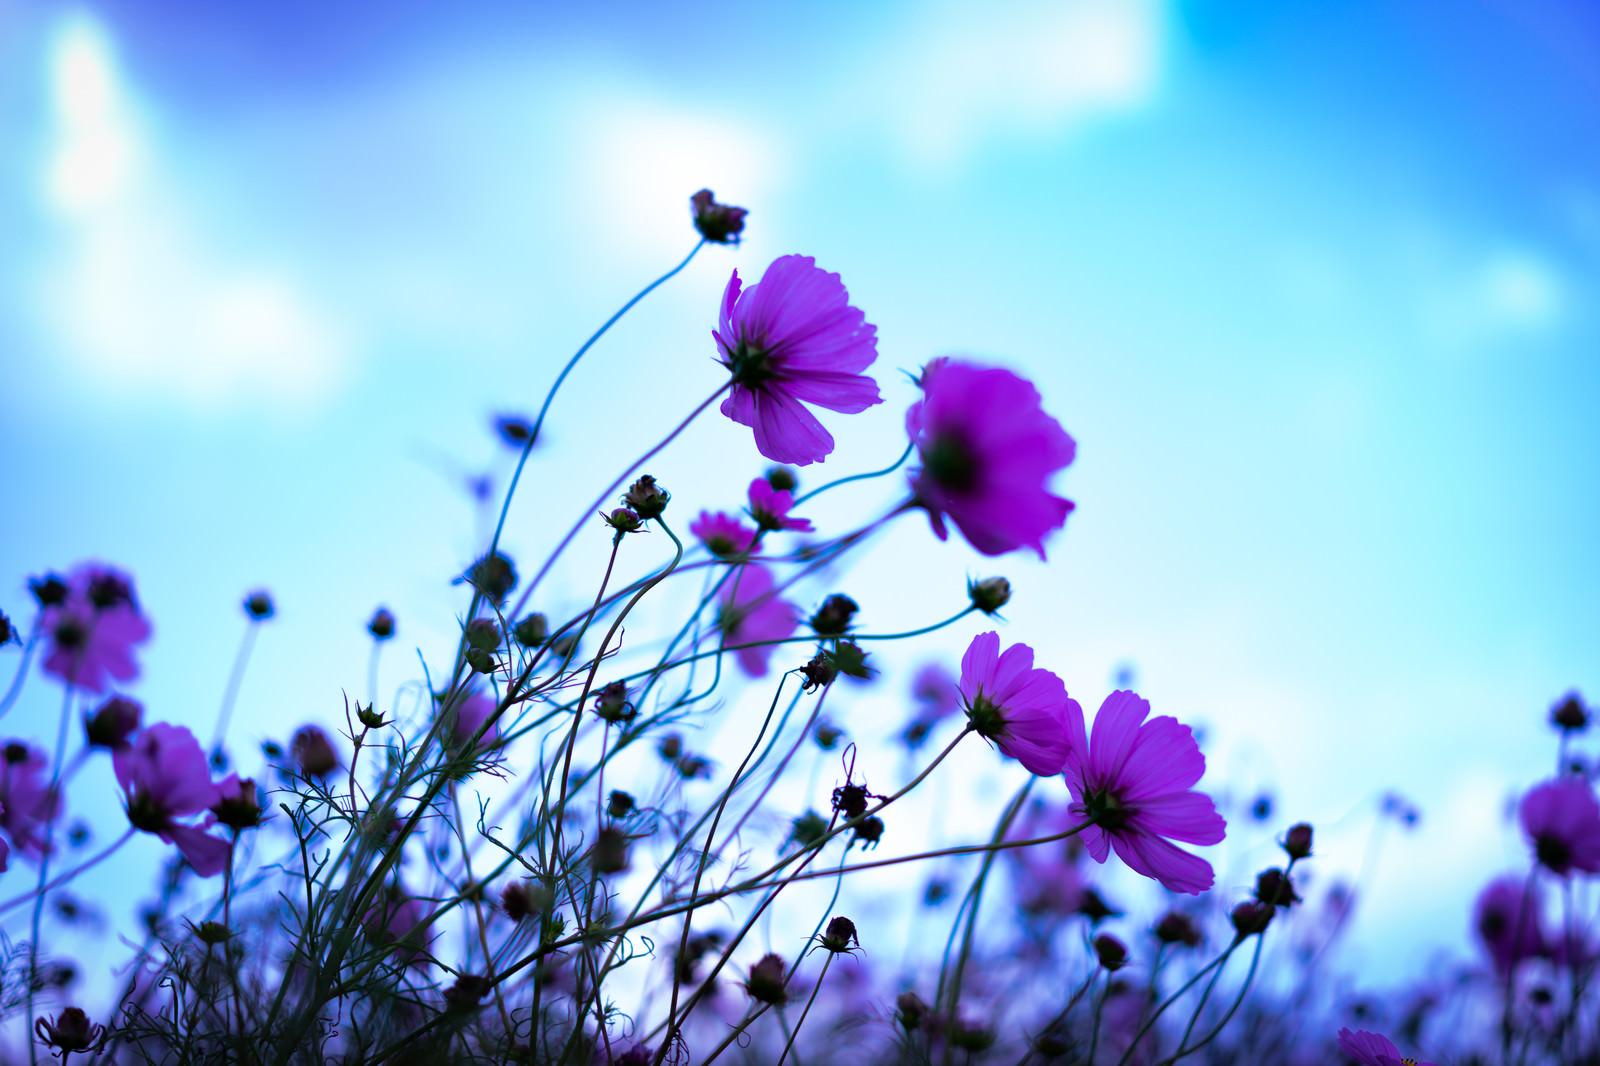 「凛と咲き誇るコスモス」の写真